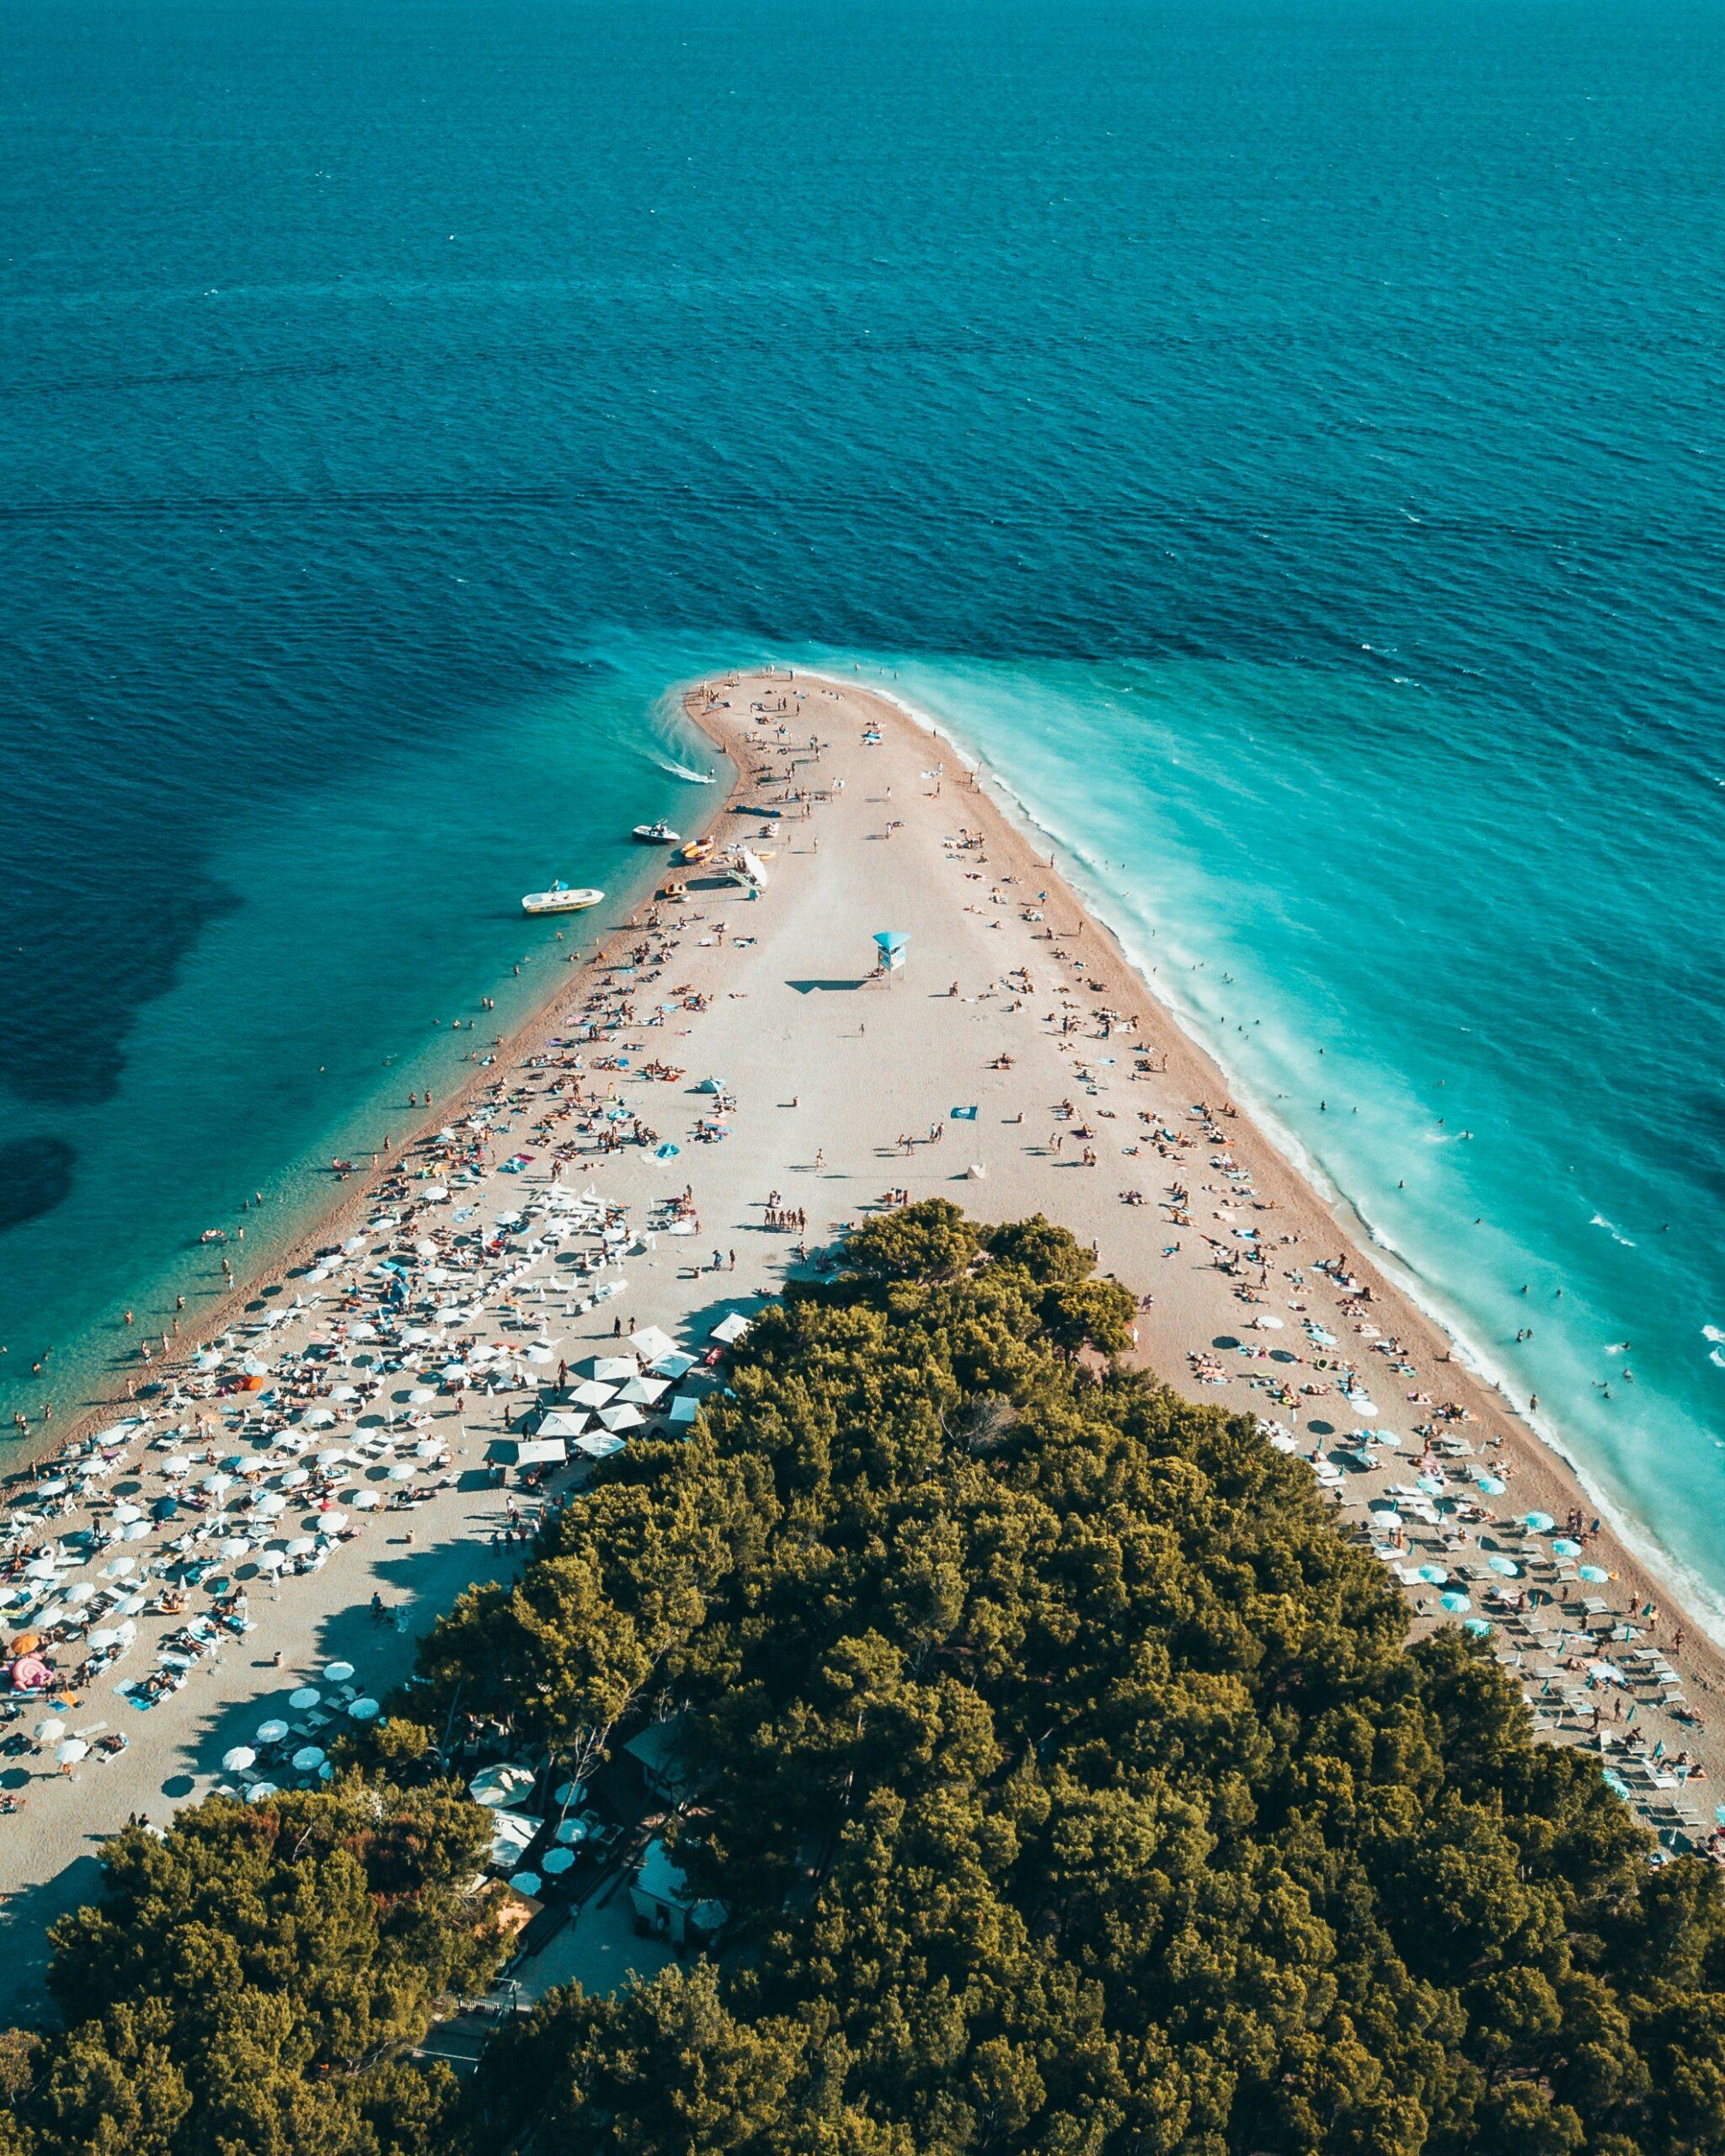 Uroki chorwackiej wyspy Korculi – przeżyjmy tu niezapomniane chwile